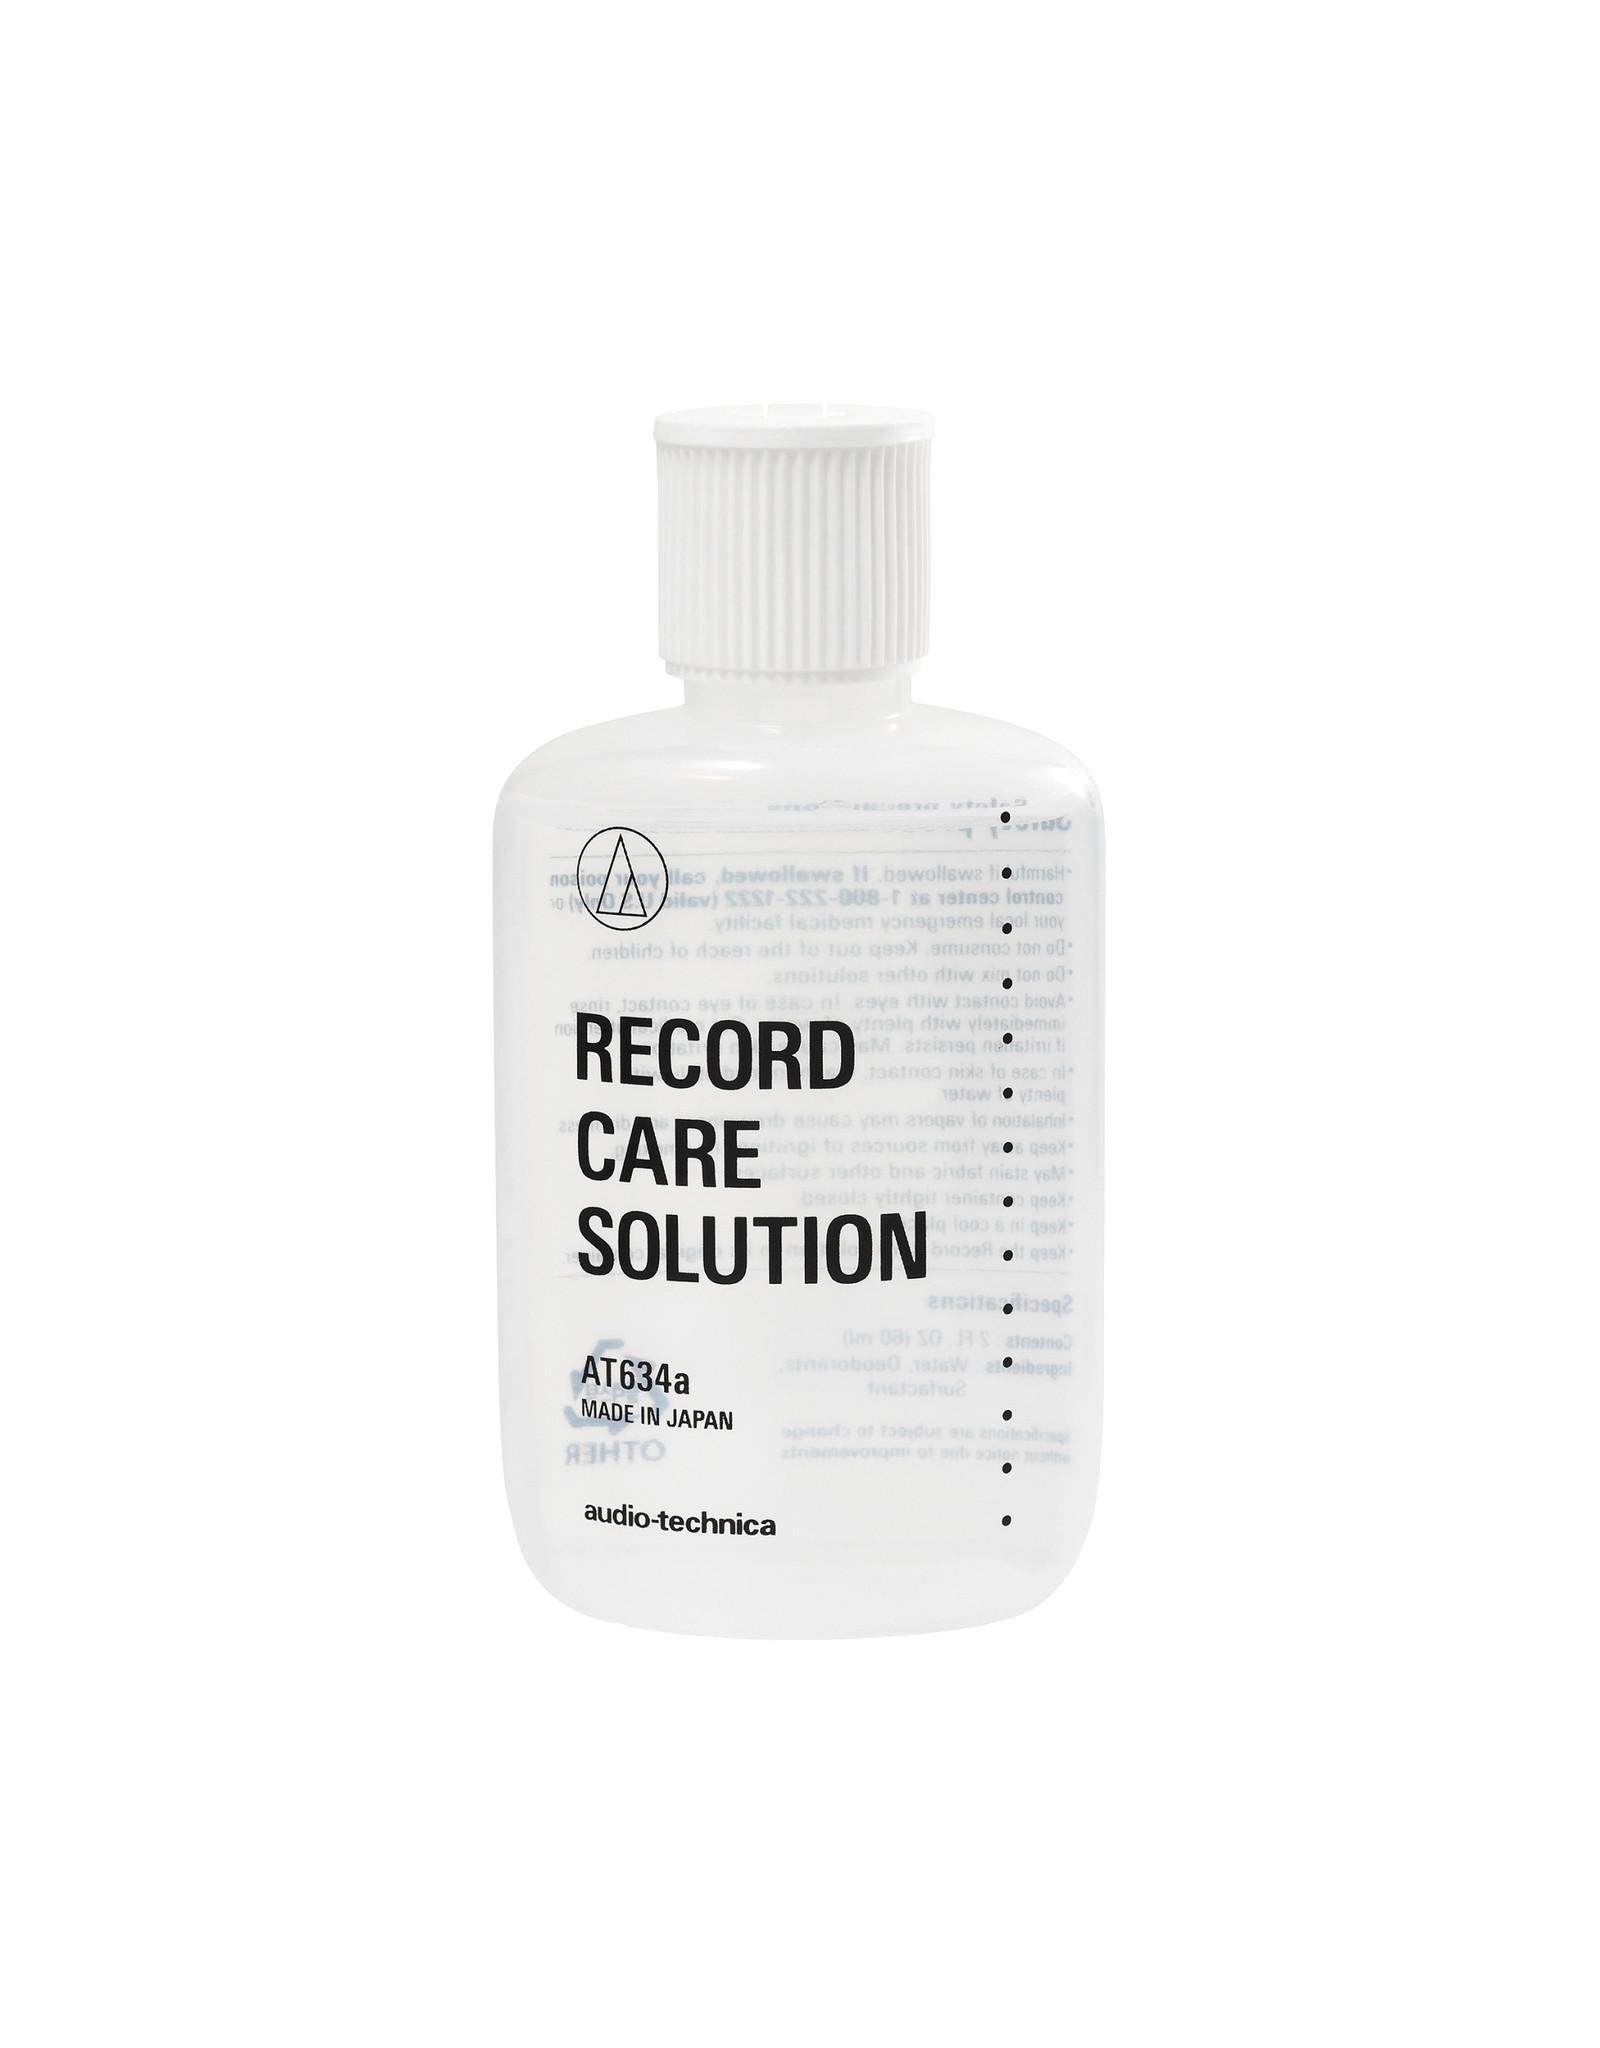 Audio-Technica Audio-Technica / Record Care Solution